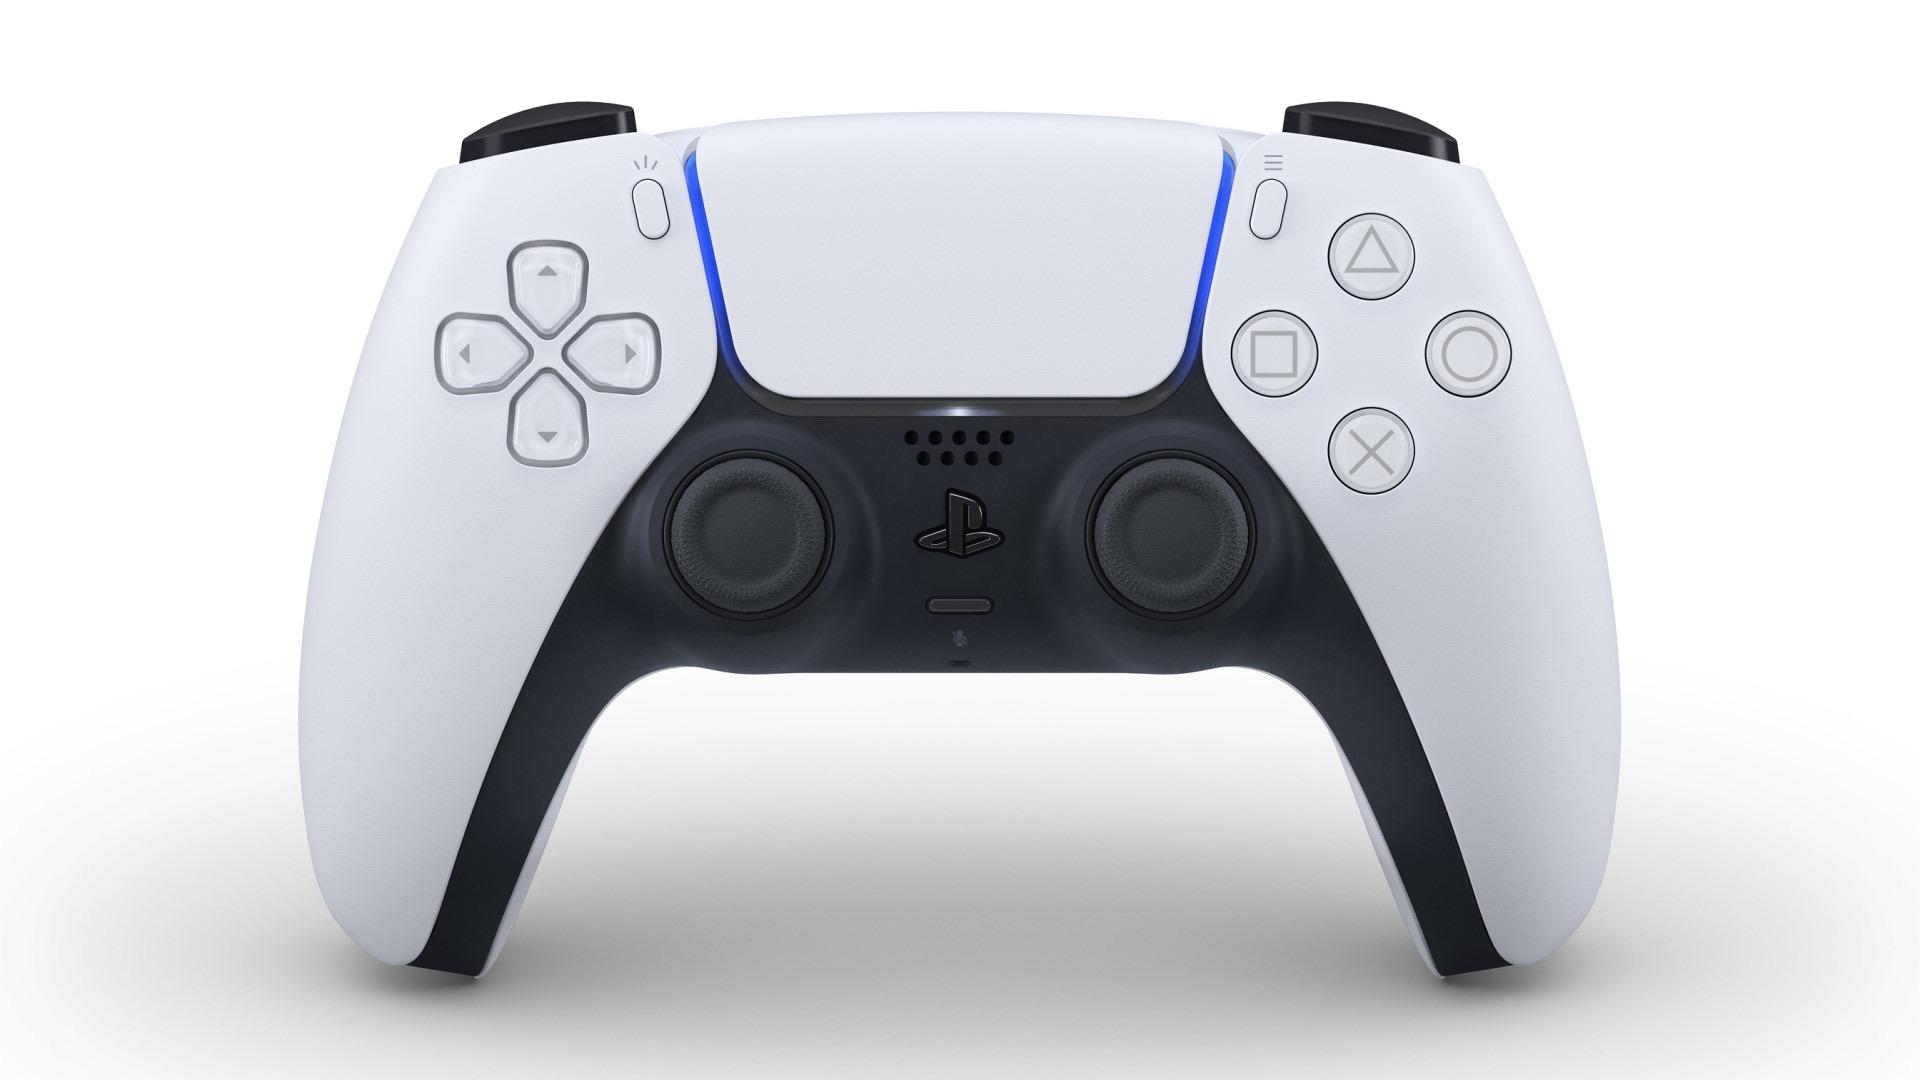 Mando DualSense de la PlayStation 5